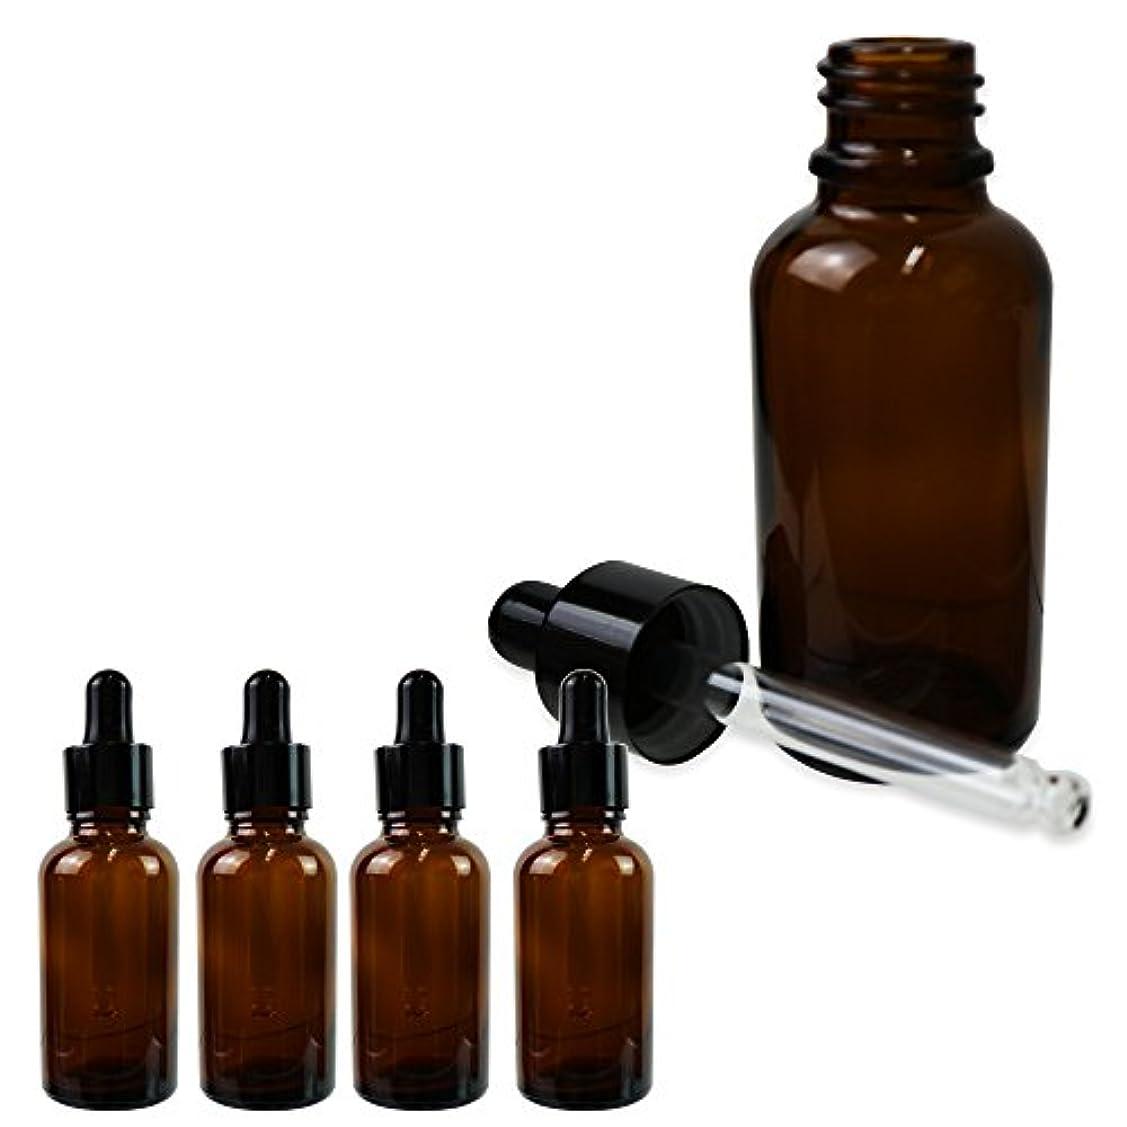 見てデンマークバングSagittaire スポイト式 遮光瓶 ガラス製 30ml 5本セット 化粧水 香水 保存 旅行 詰め替え (ブラウン)